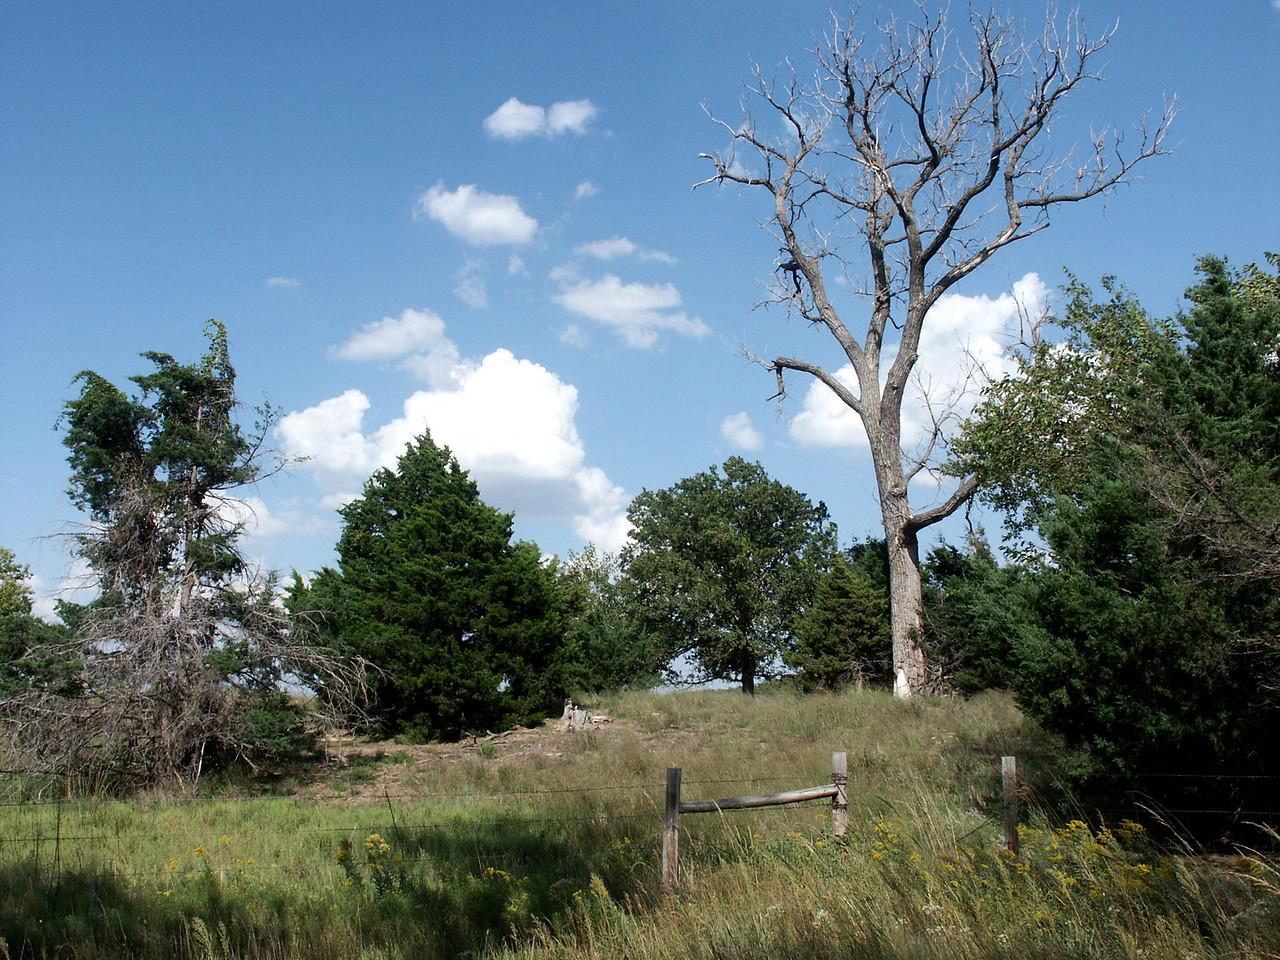 Trees near Little Salt Marsh